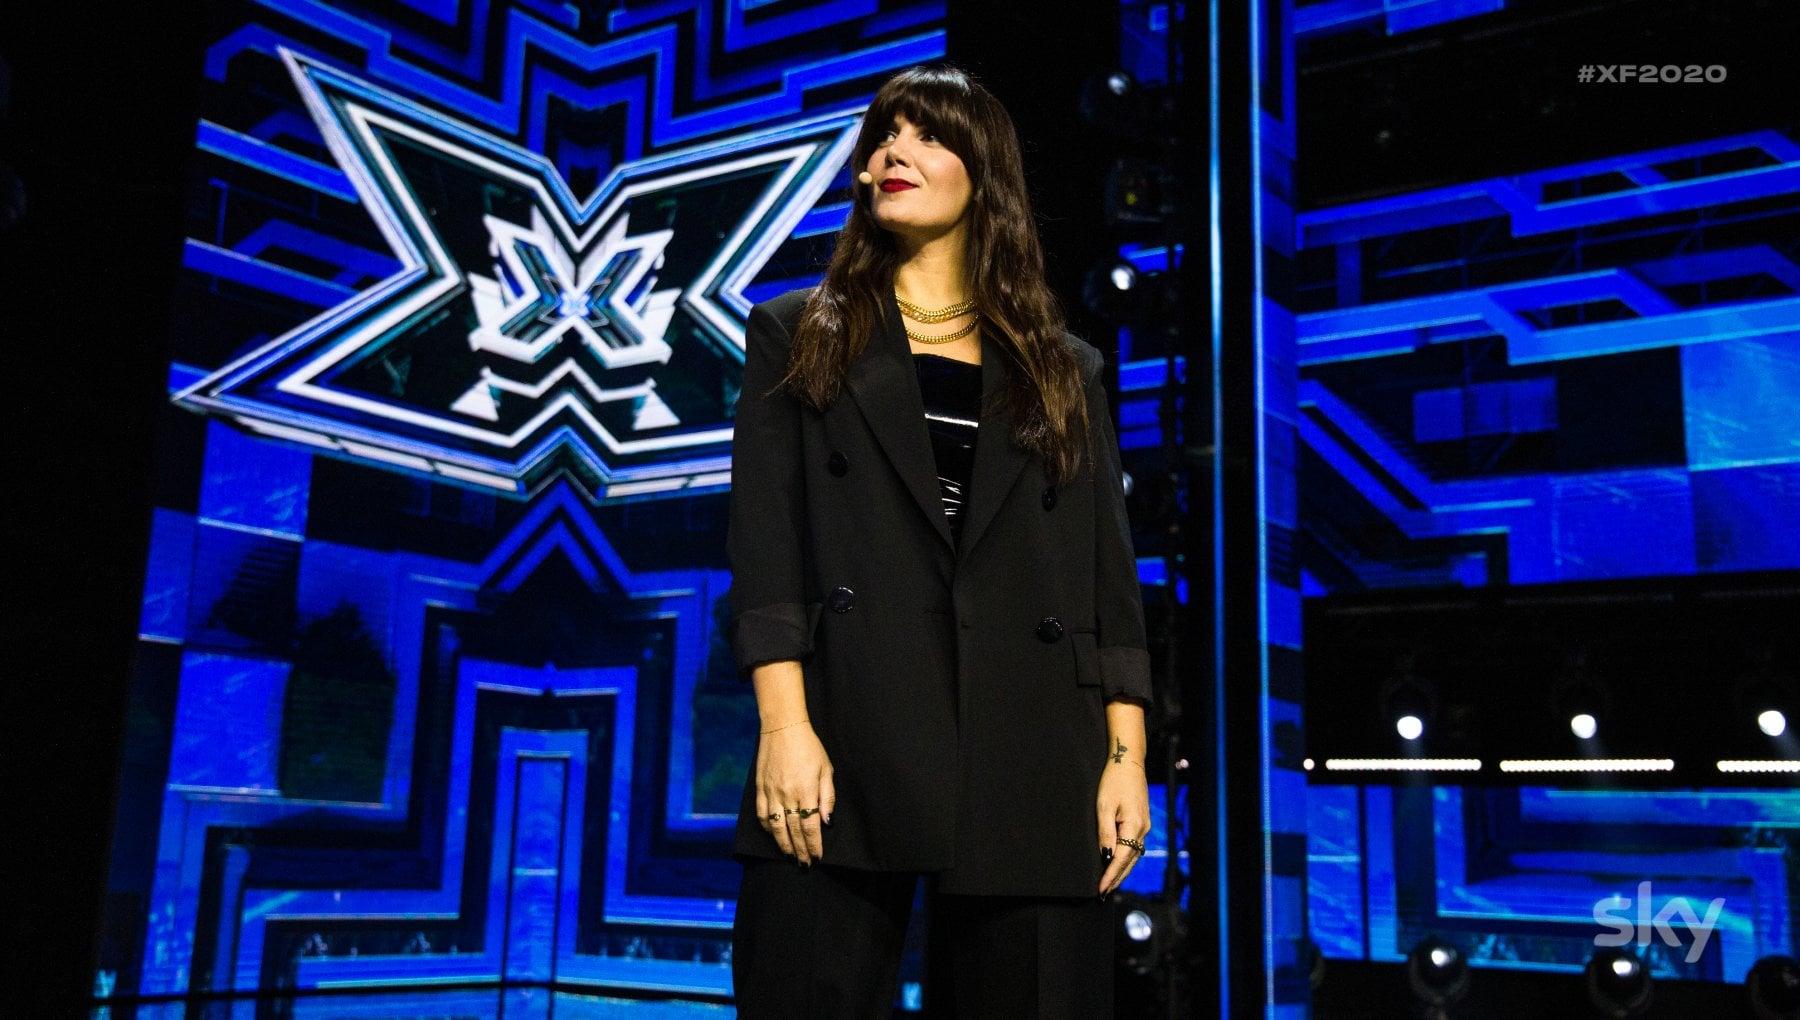 X factor le lacrime di Emma per Santi eliminato. Ti invito sul palco del mio tour